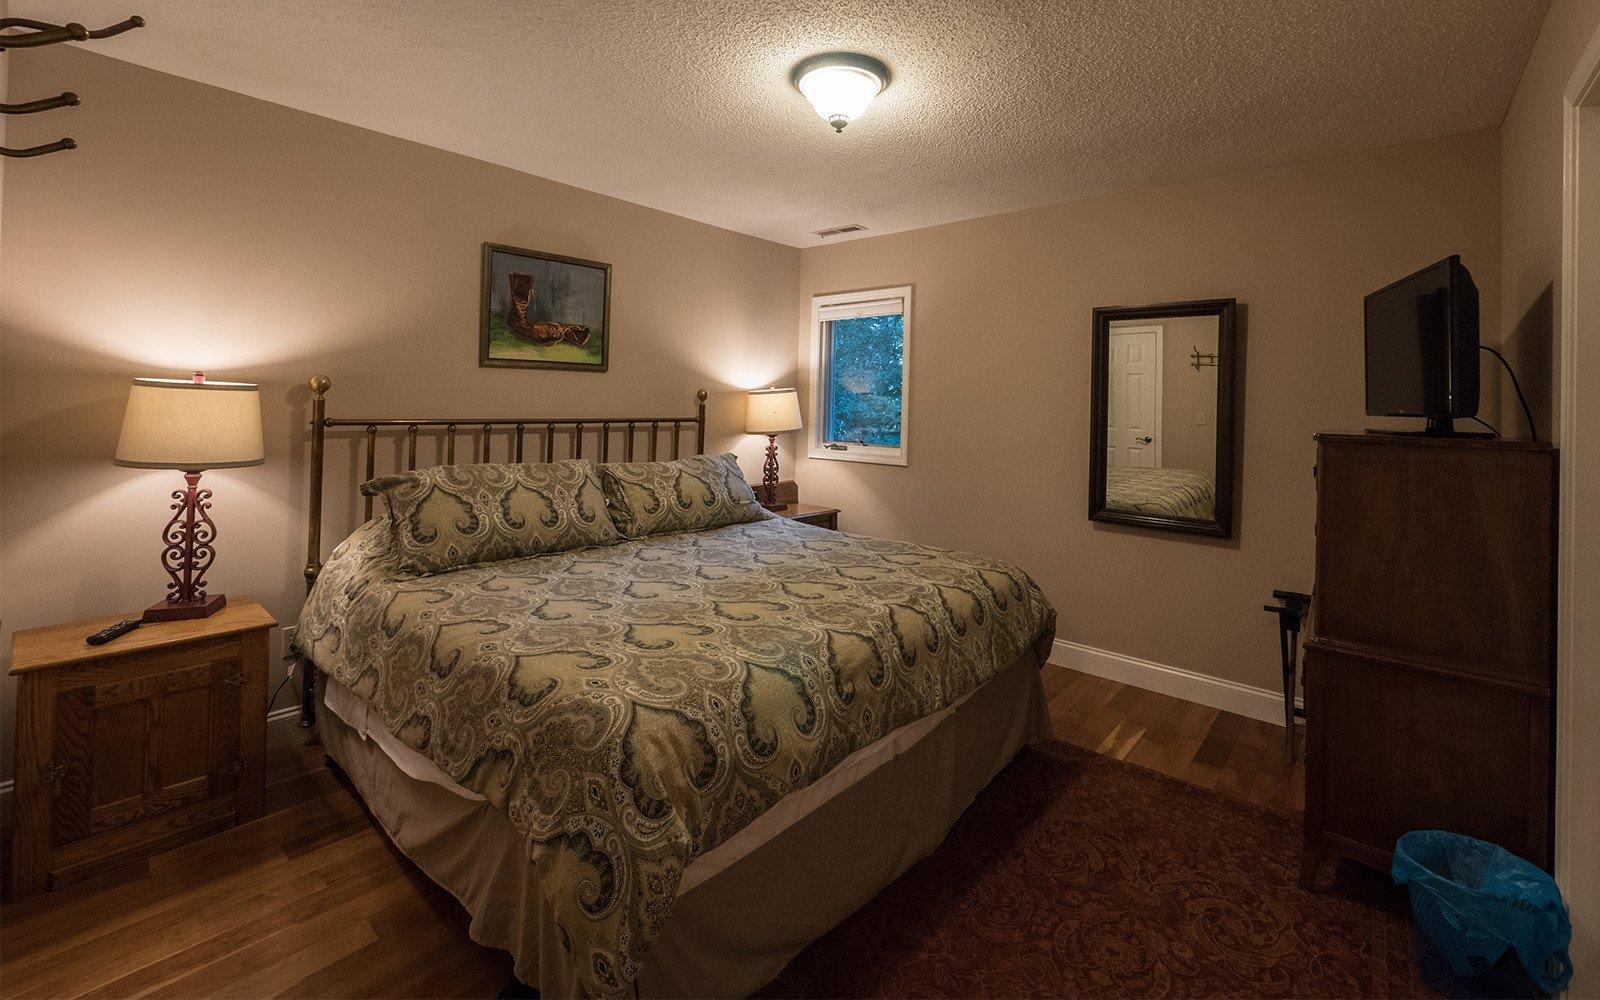 King bedroom - Inn Rooms in Brevard